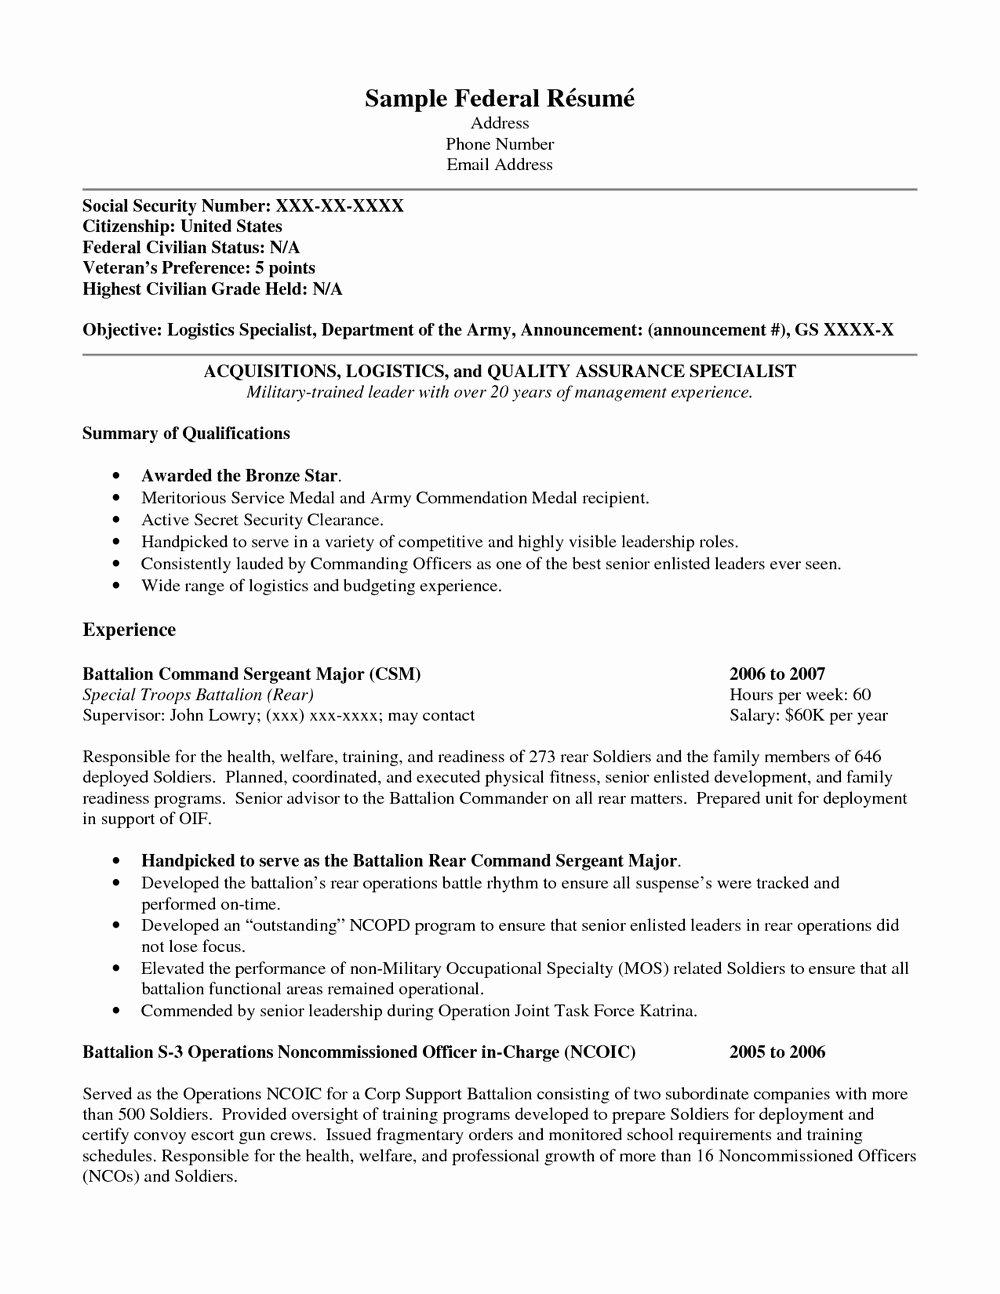 Resume Writing for Veterans Resumes 1796